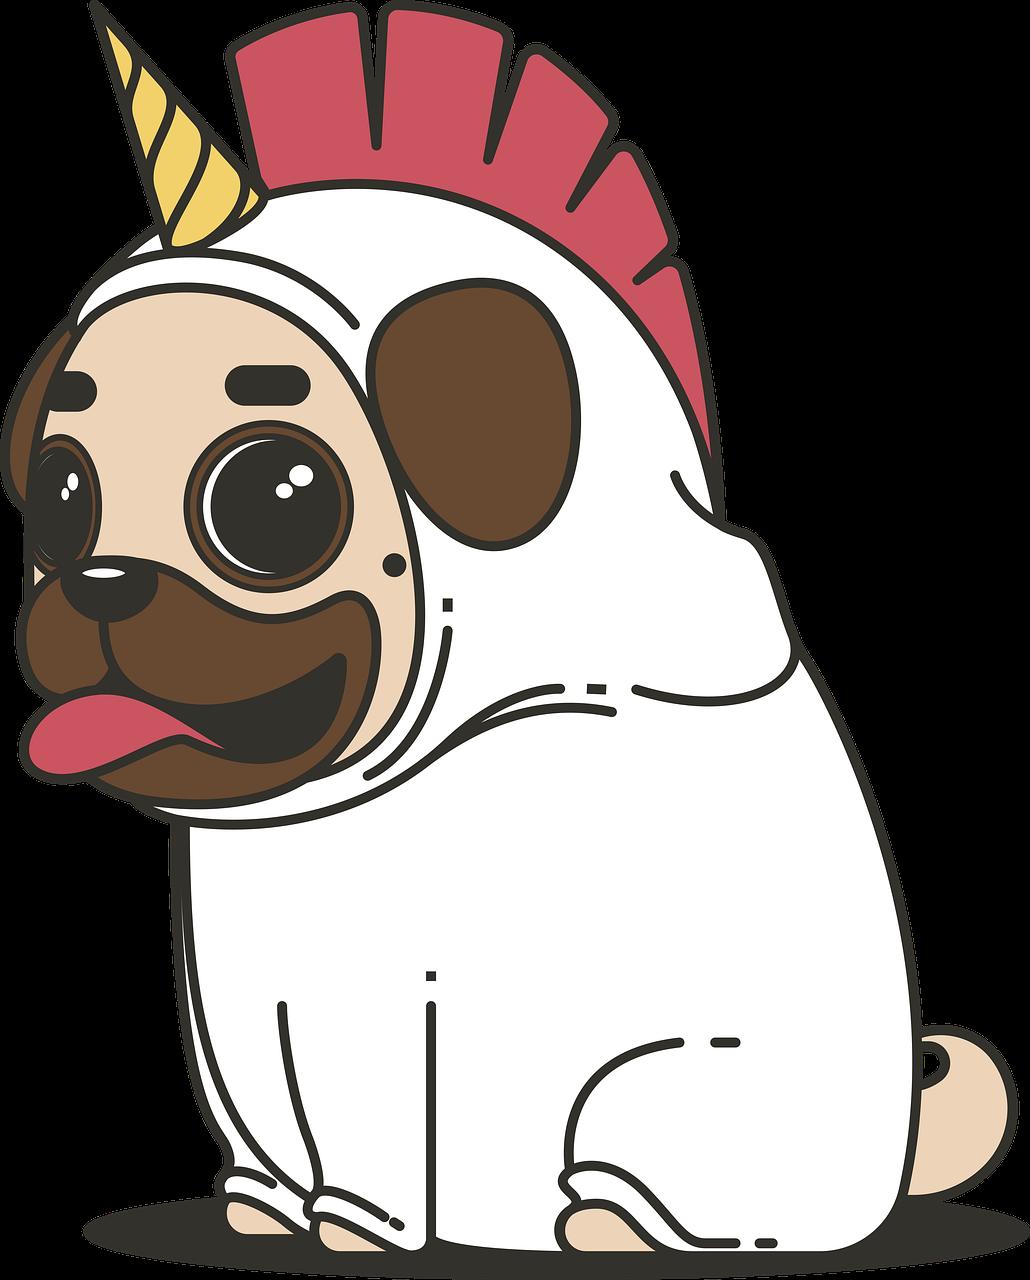 Free Image on Pixabay - Pug, Unicorn, Dog, Animal, Puppy ...